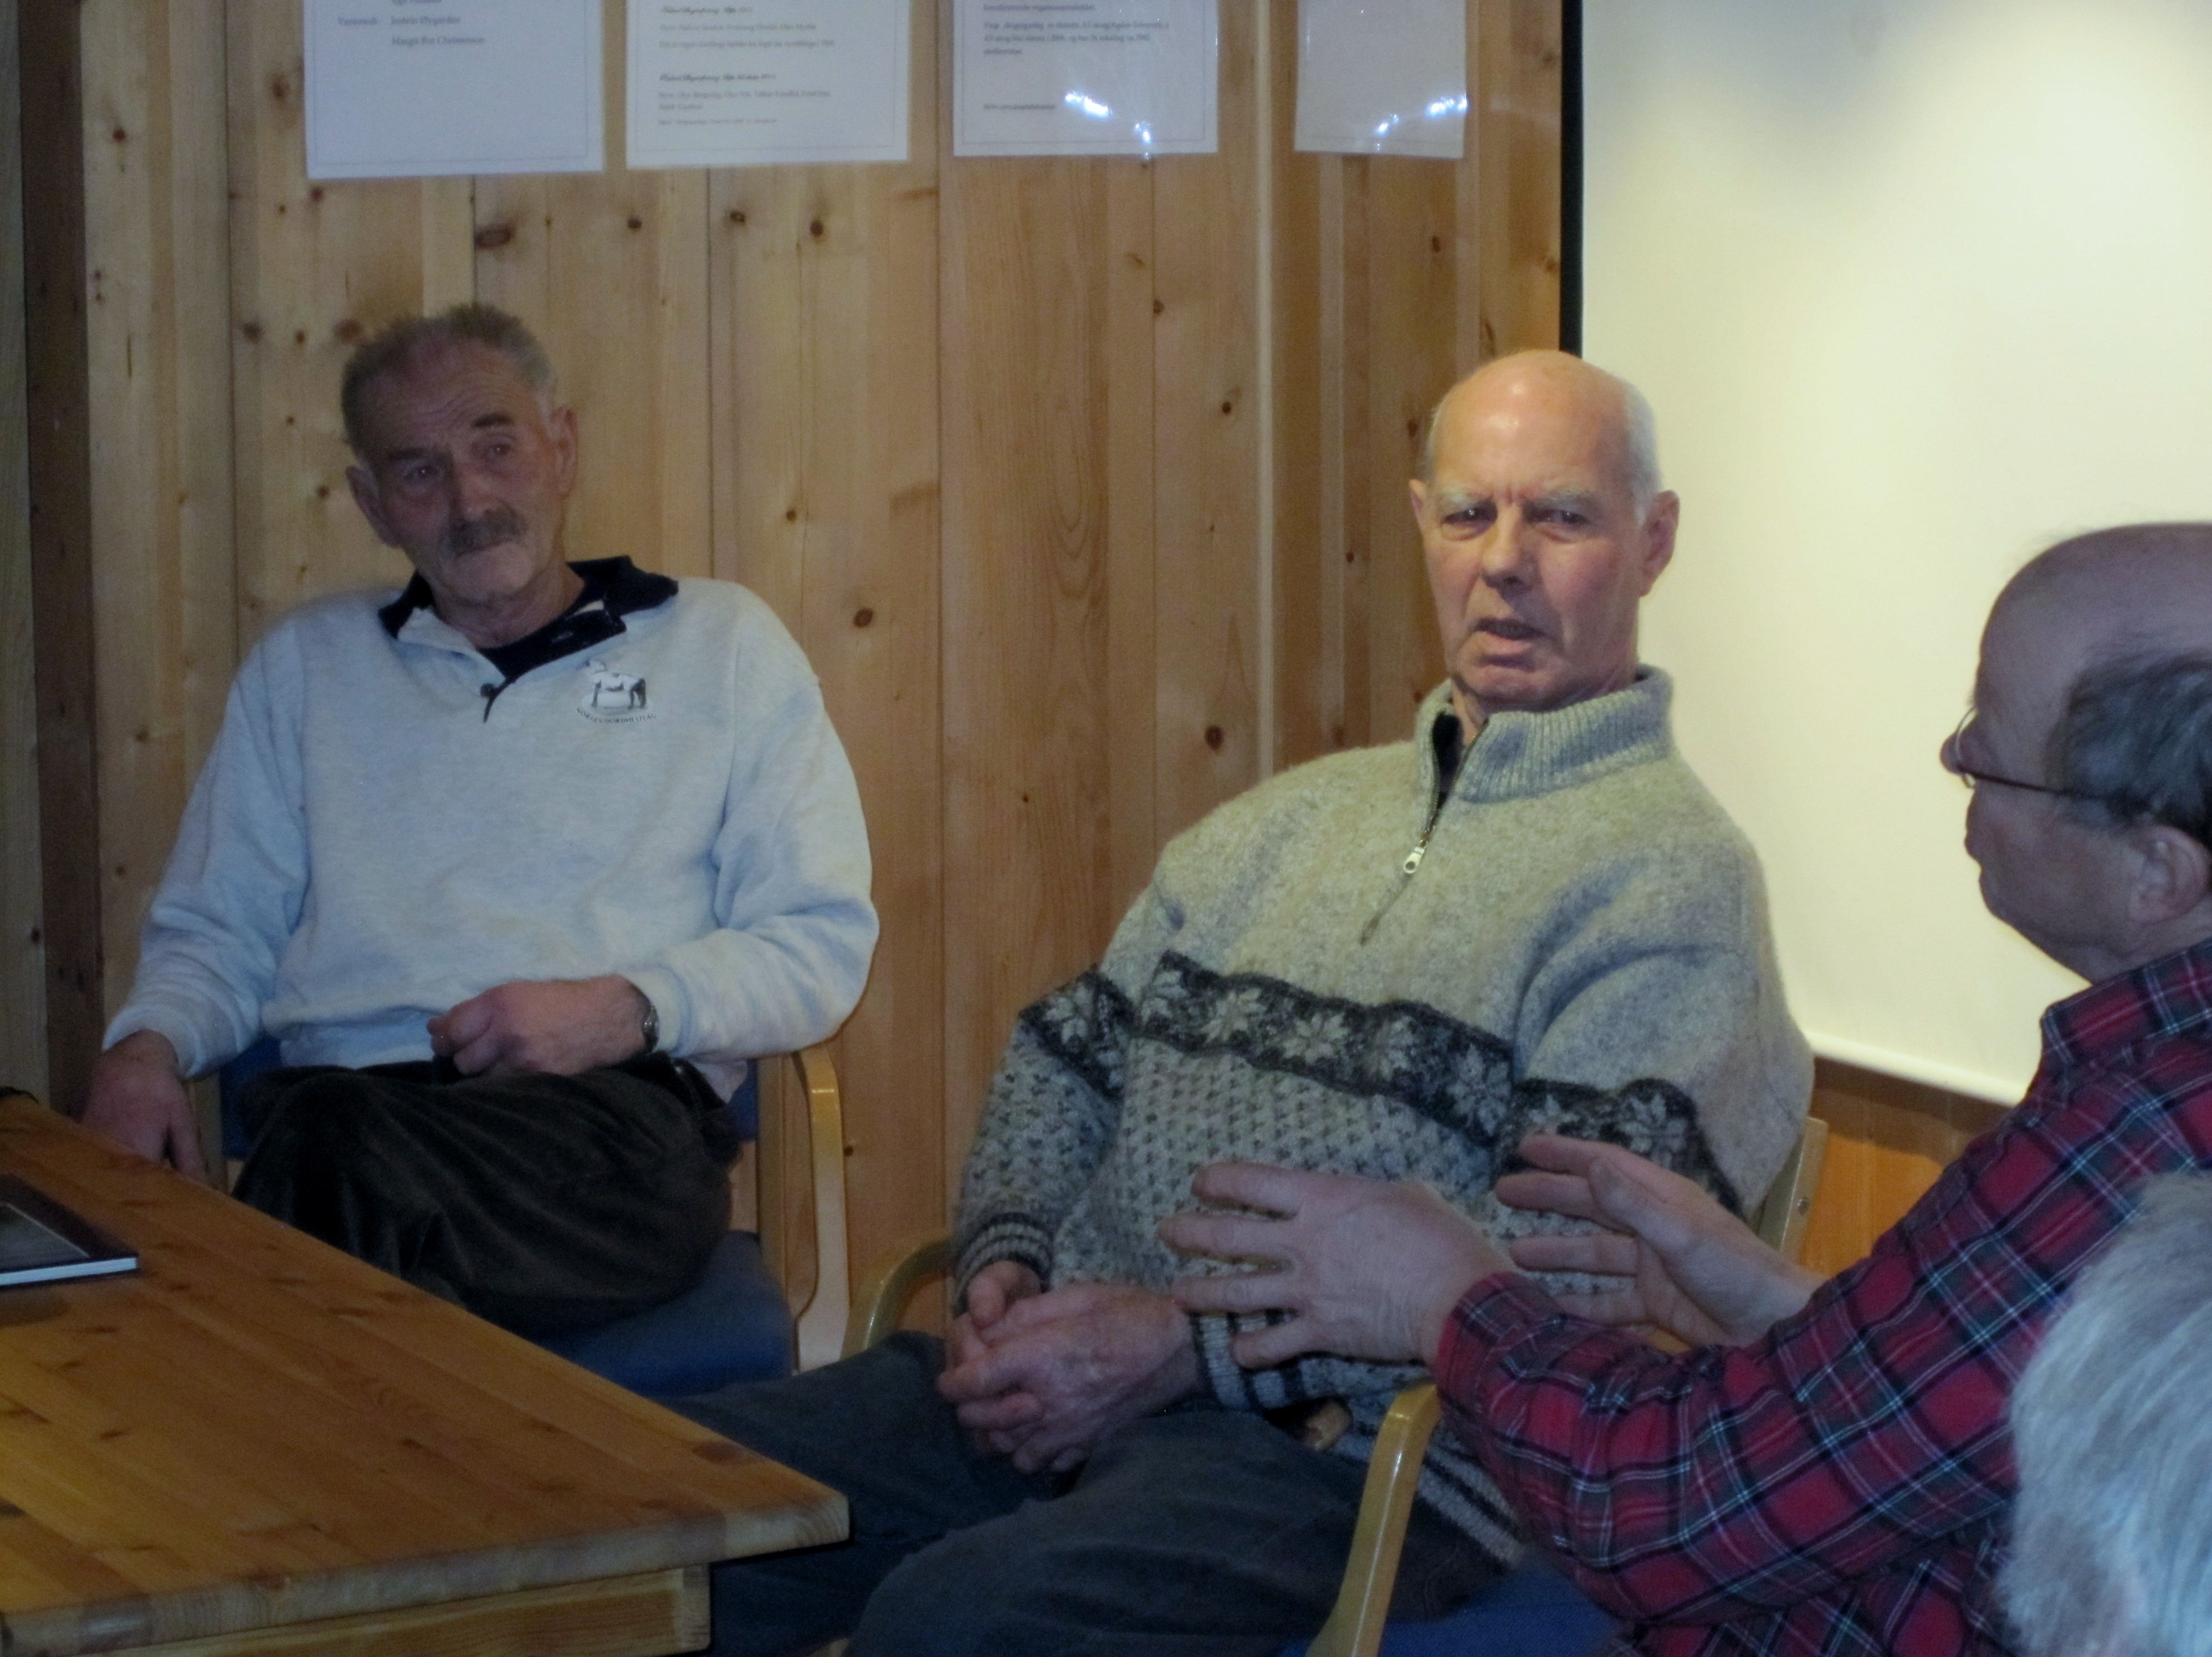 Øystein snakkar med Jon og Olav